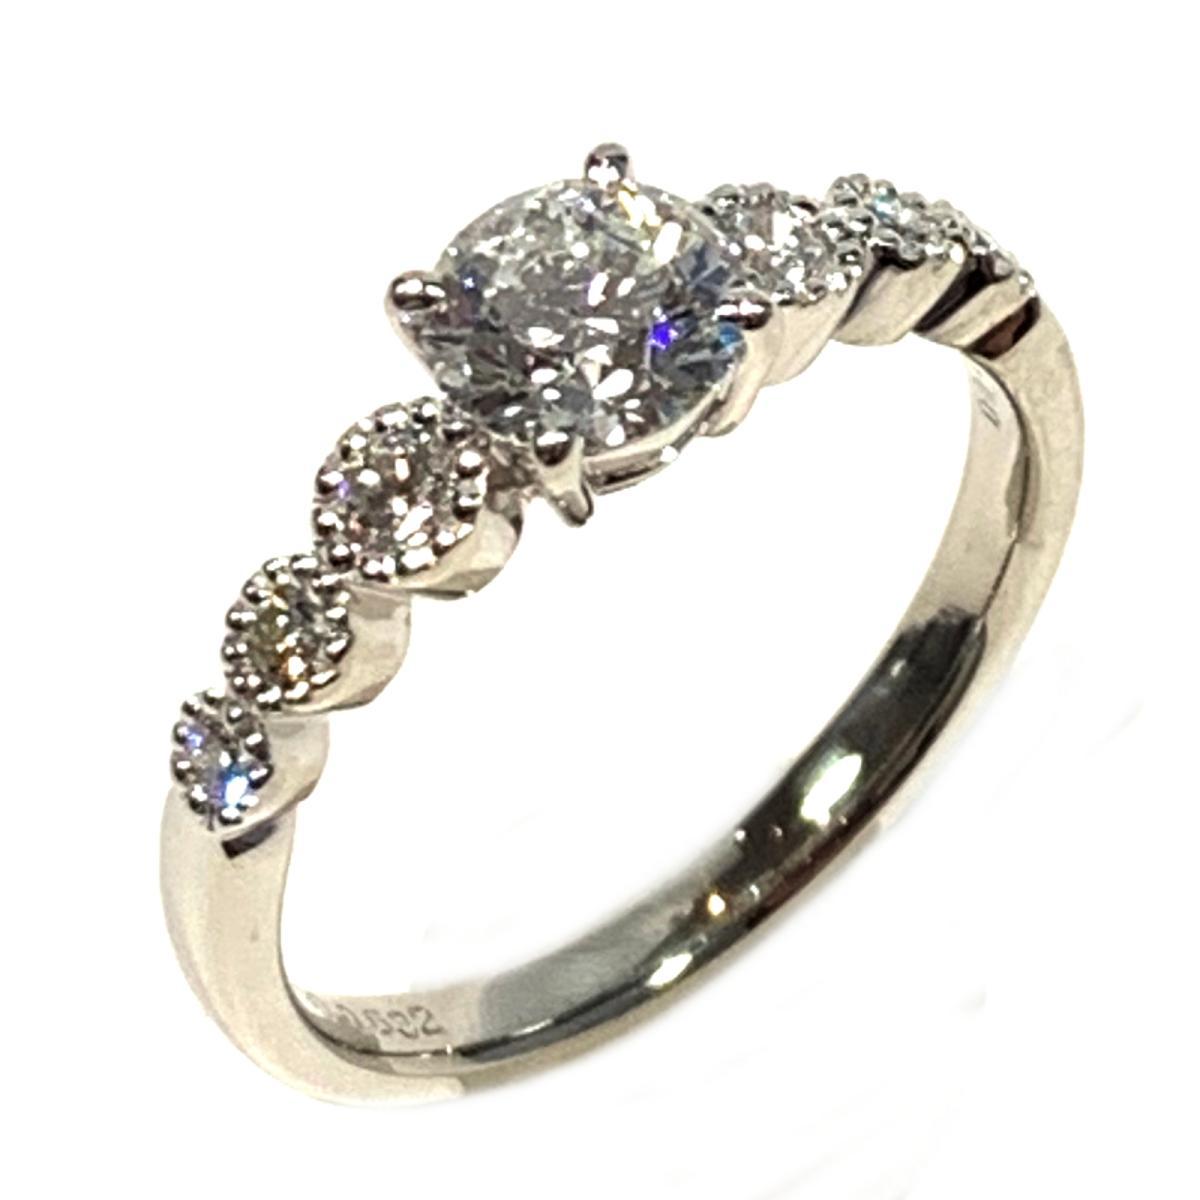 【中古】 ジュエリー ダイヤモンドリング 指輪 レディース PT900 プラチナ x ダイヤモンド0.632ct 0.20ct シルバー クリアー | JEWELRY BRANDOFF ブランドオフ ブランド アクセサリー リング